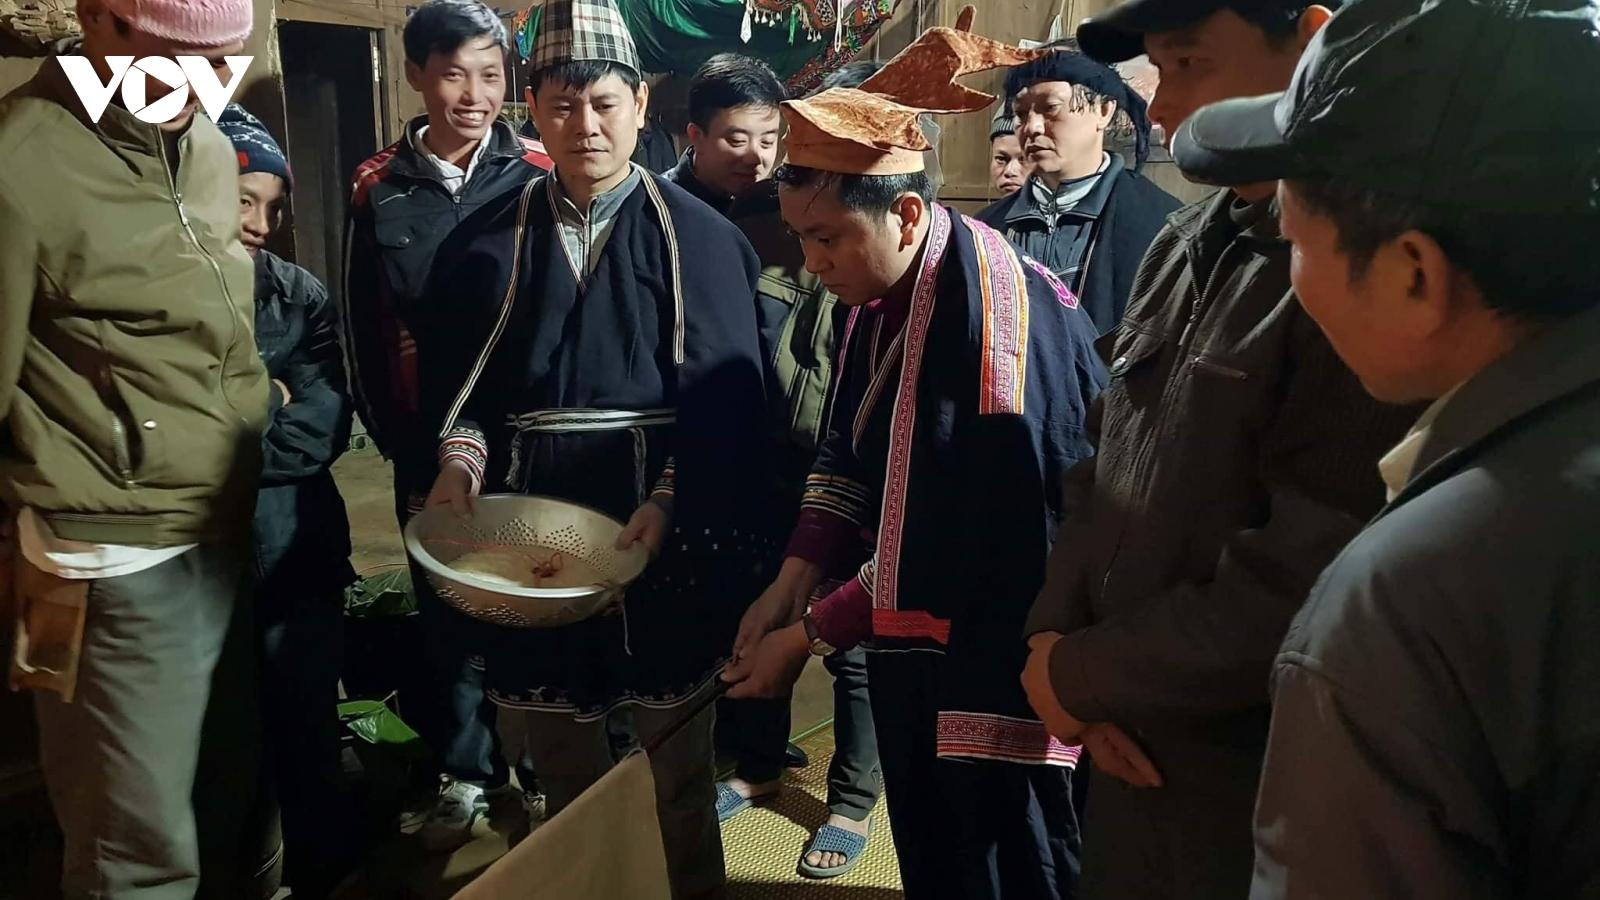 Púng nhnáng - Đặc sắc tết họ của người Dao Tiền Sơn La